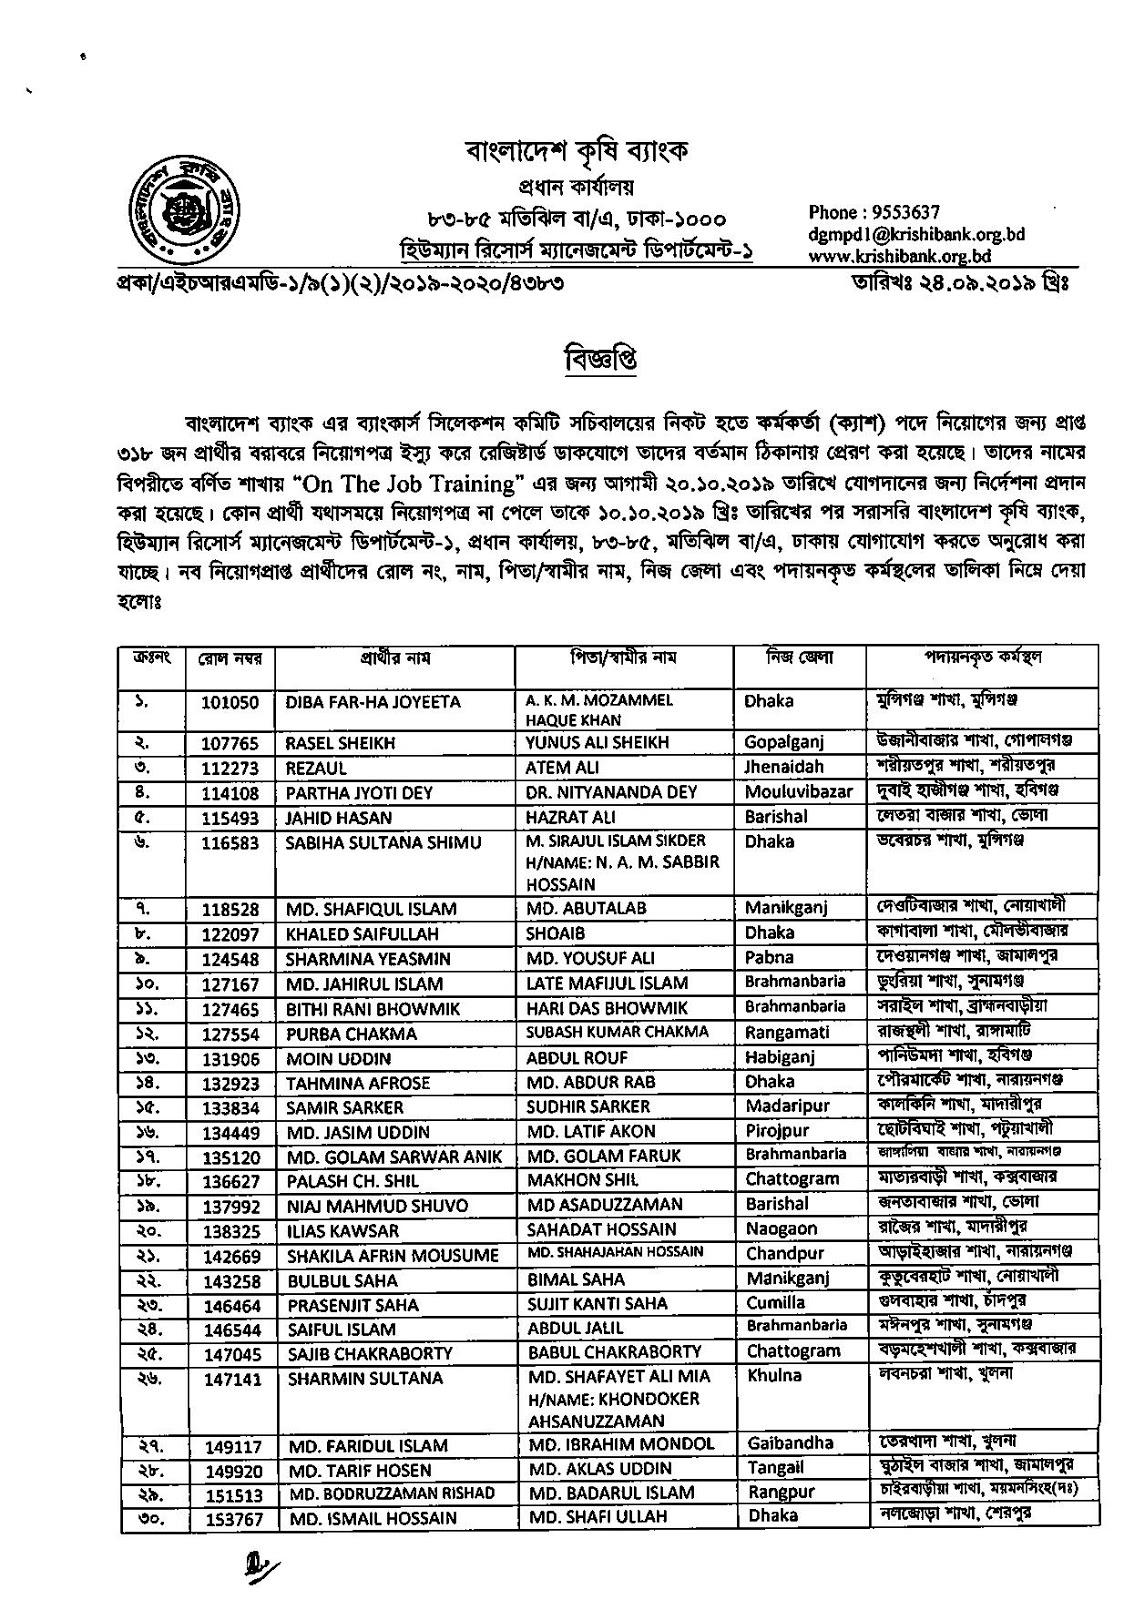 Bangladesh Agricultural Bank Job Exam Result